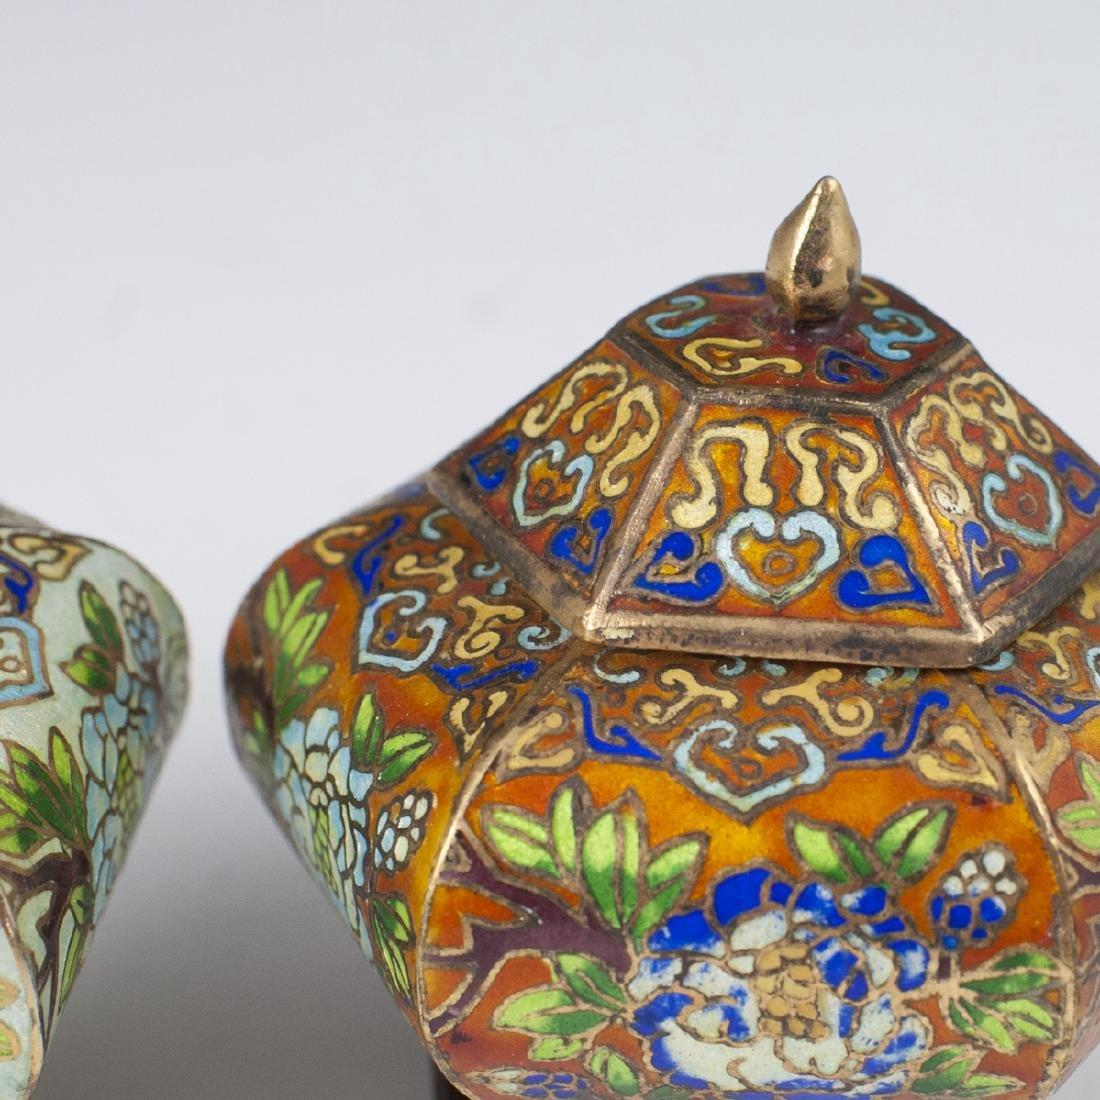 Chinese Cloisonne Enameled Jars - 3